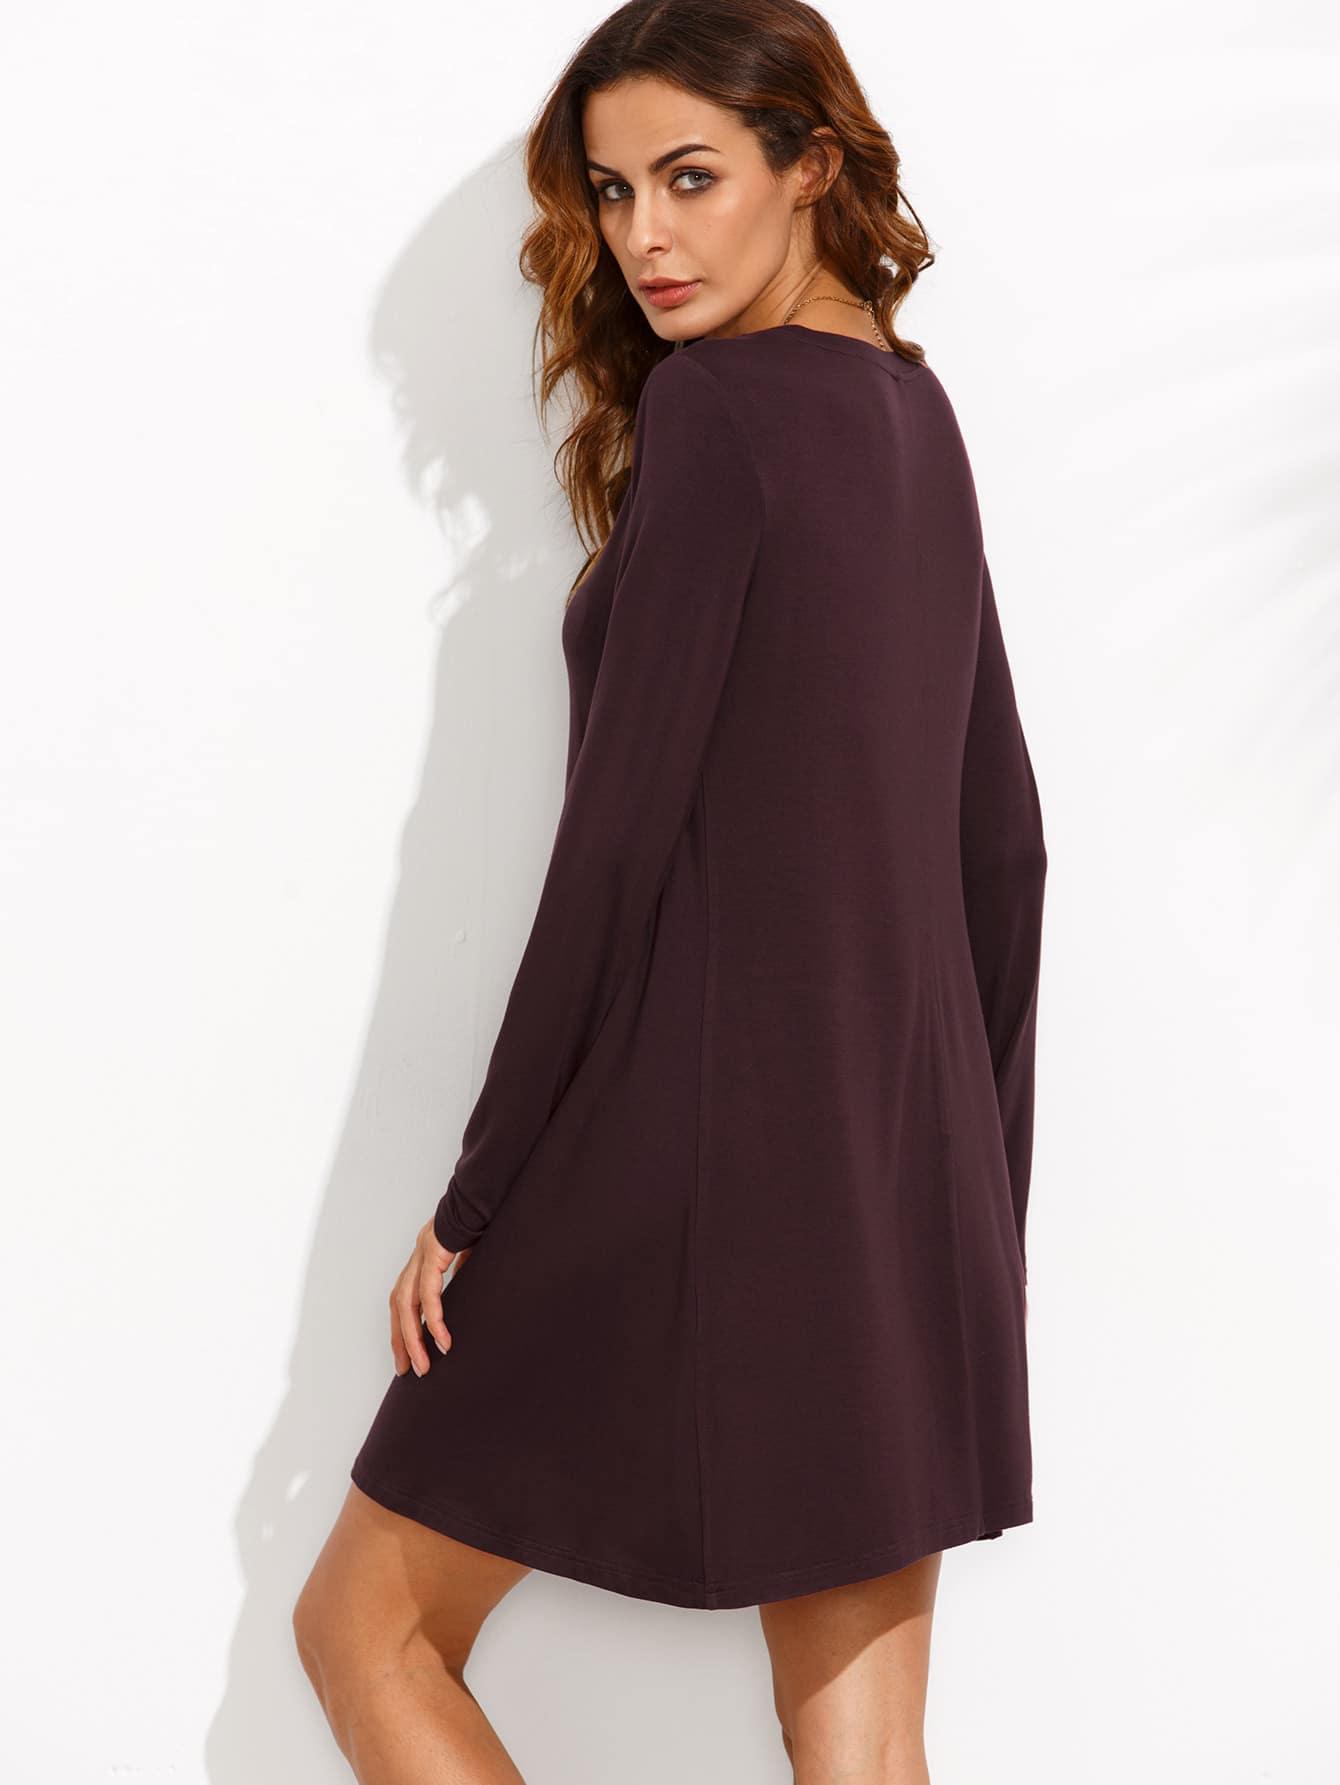 dress160809708_2